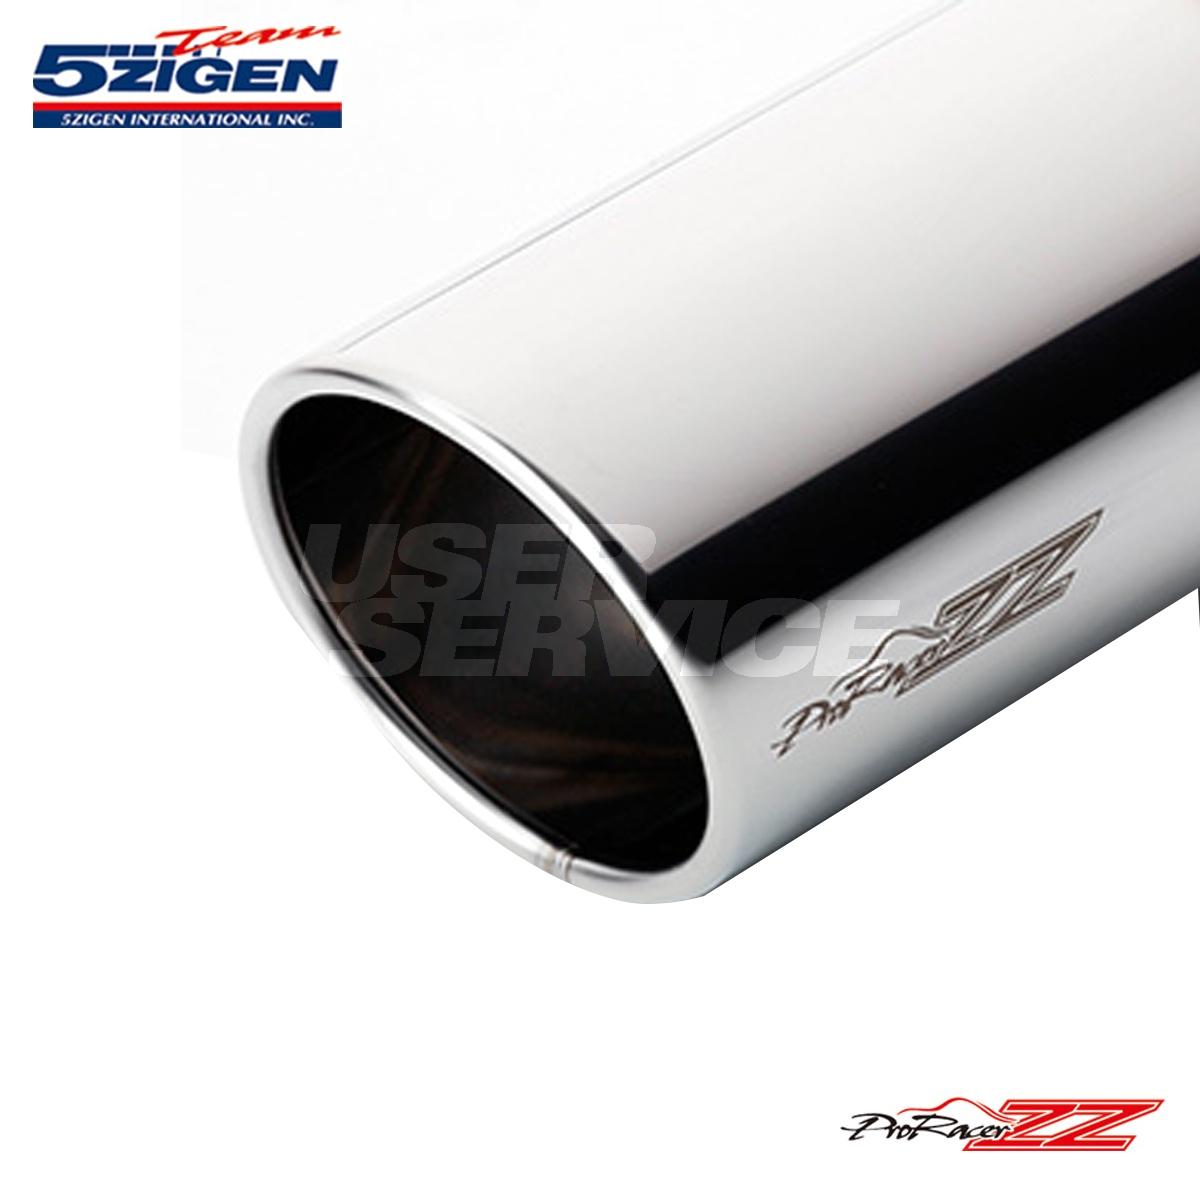 5次元 プロレーサーZZ アコードユーロR LA-CL7 マフラー 品番:PZH-026W 5ZIGEN